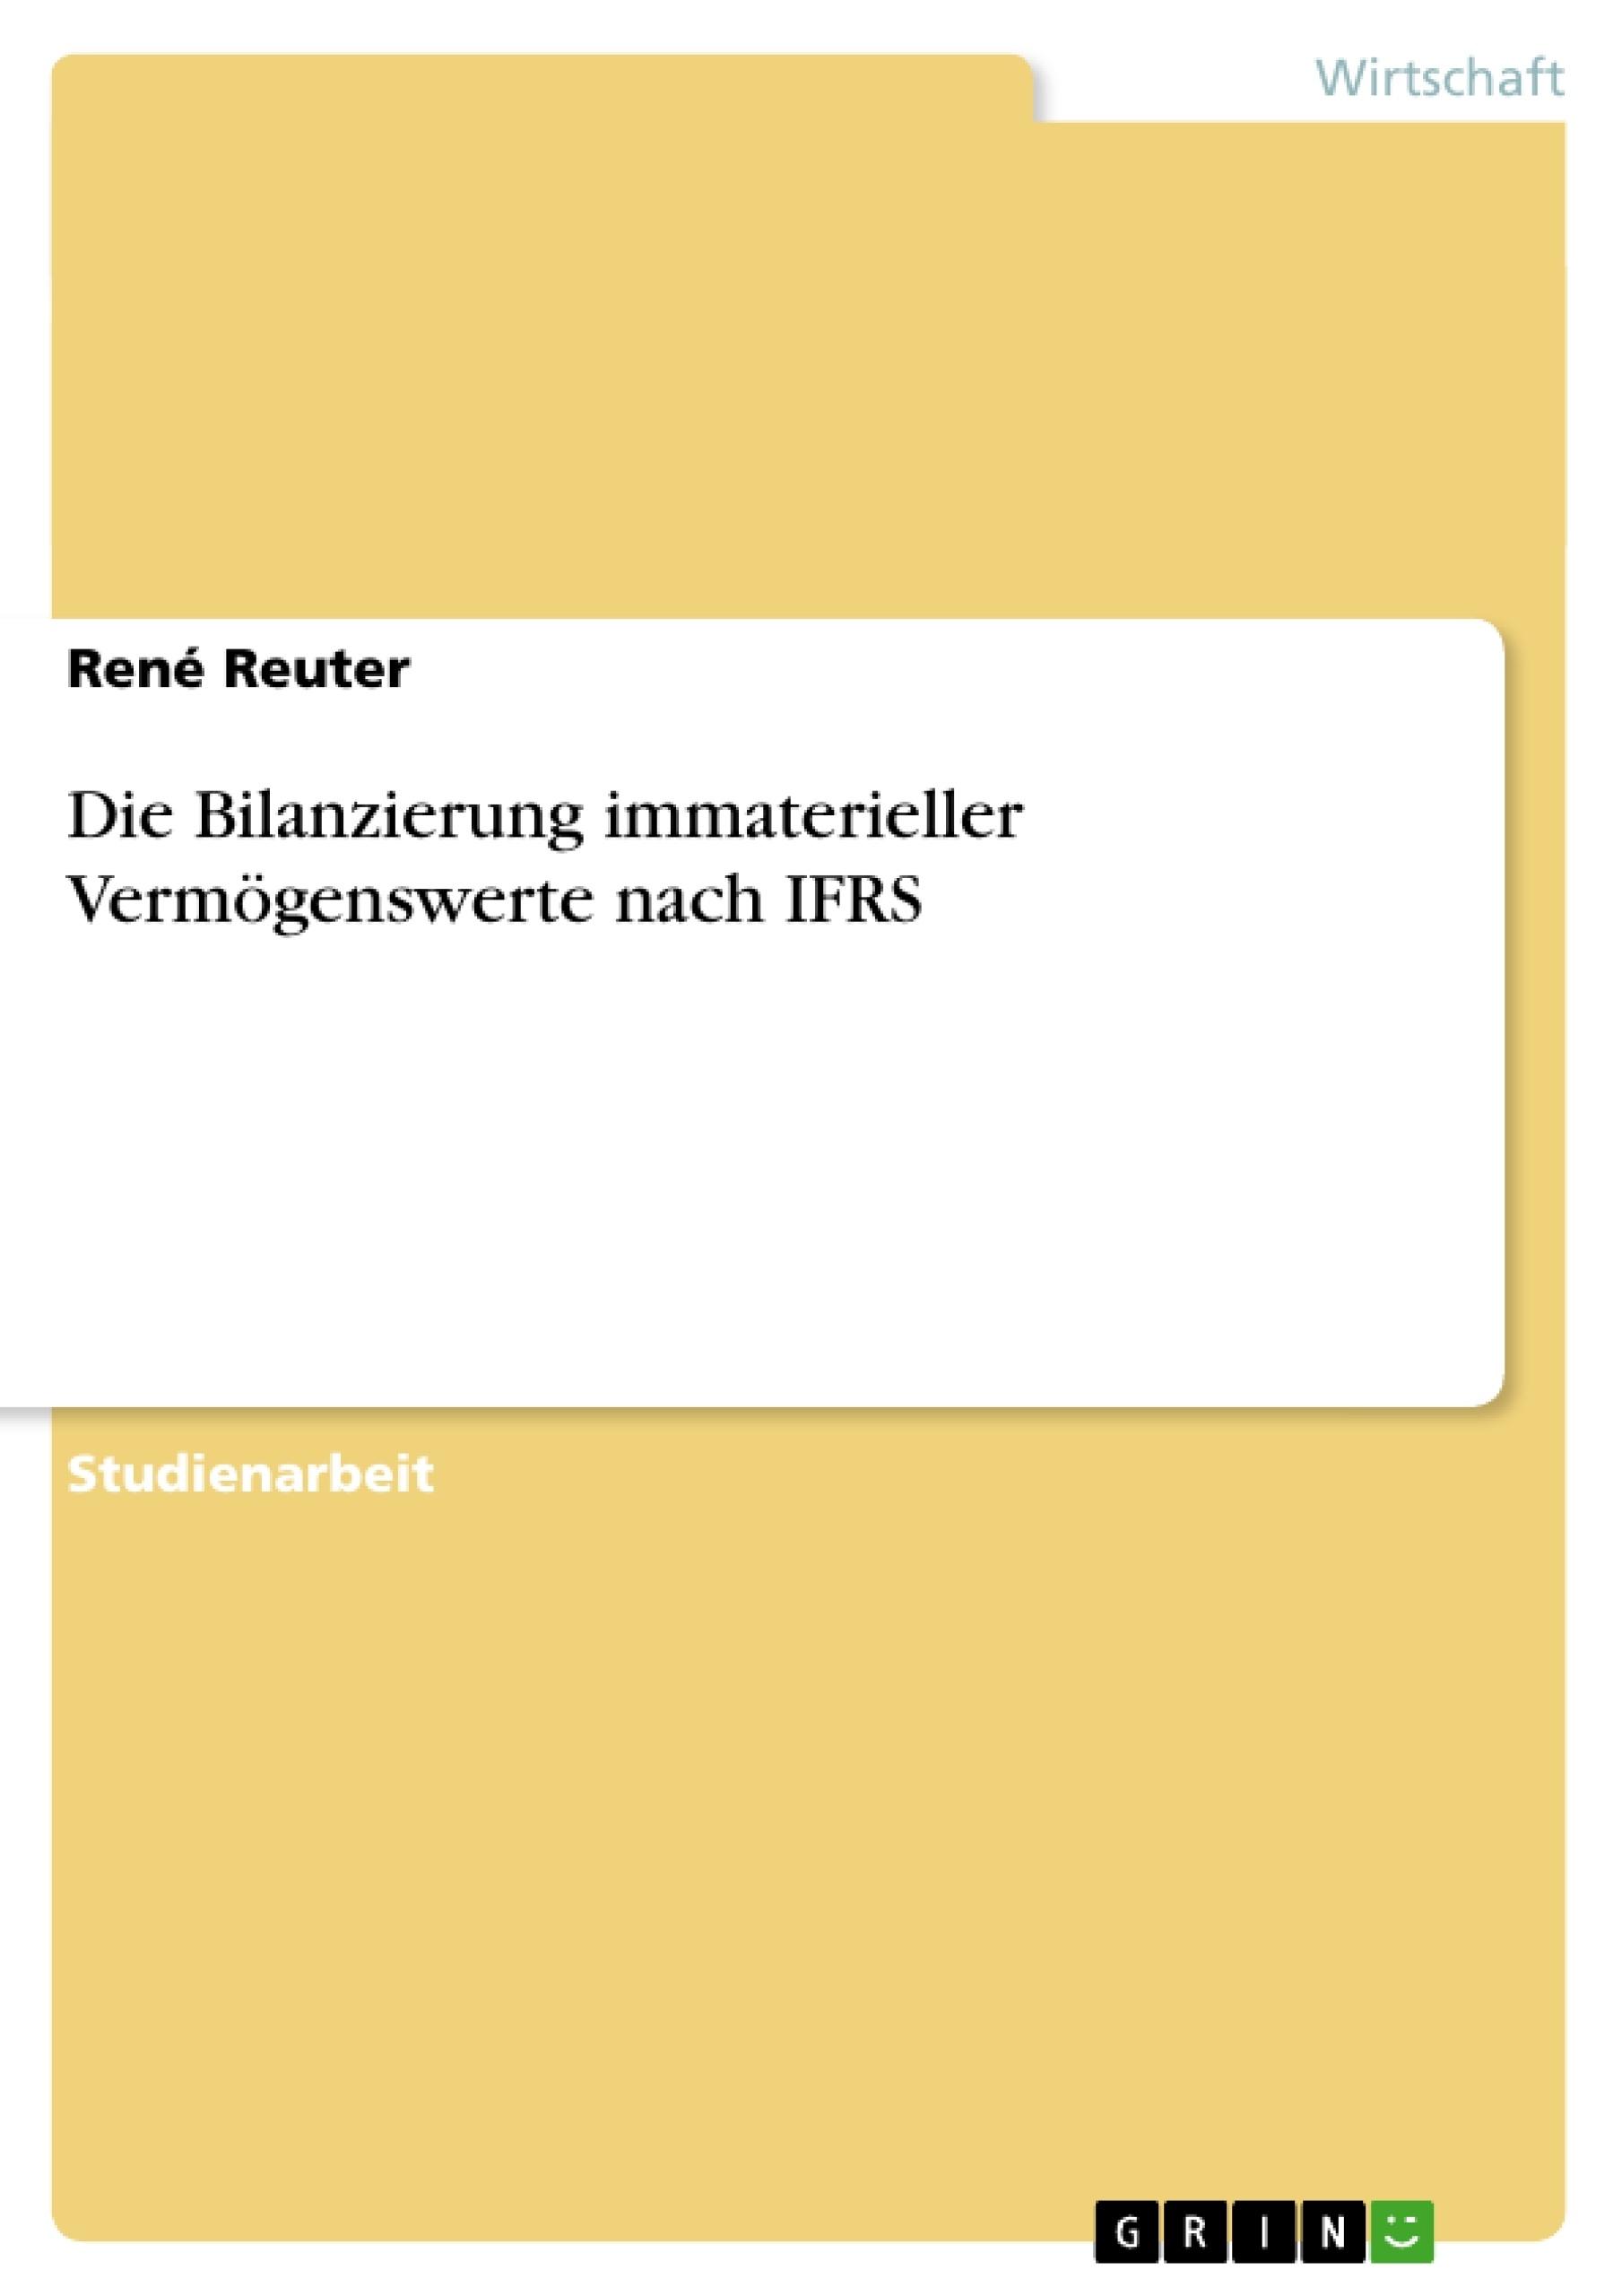 Titel: Die Bilanzierung  immaterieller Vermögenswerte nach IFRS